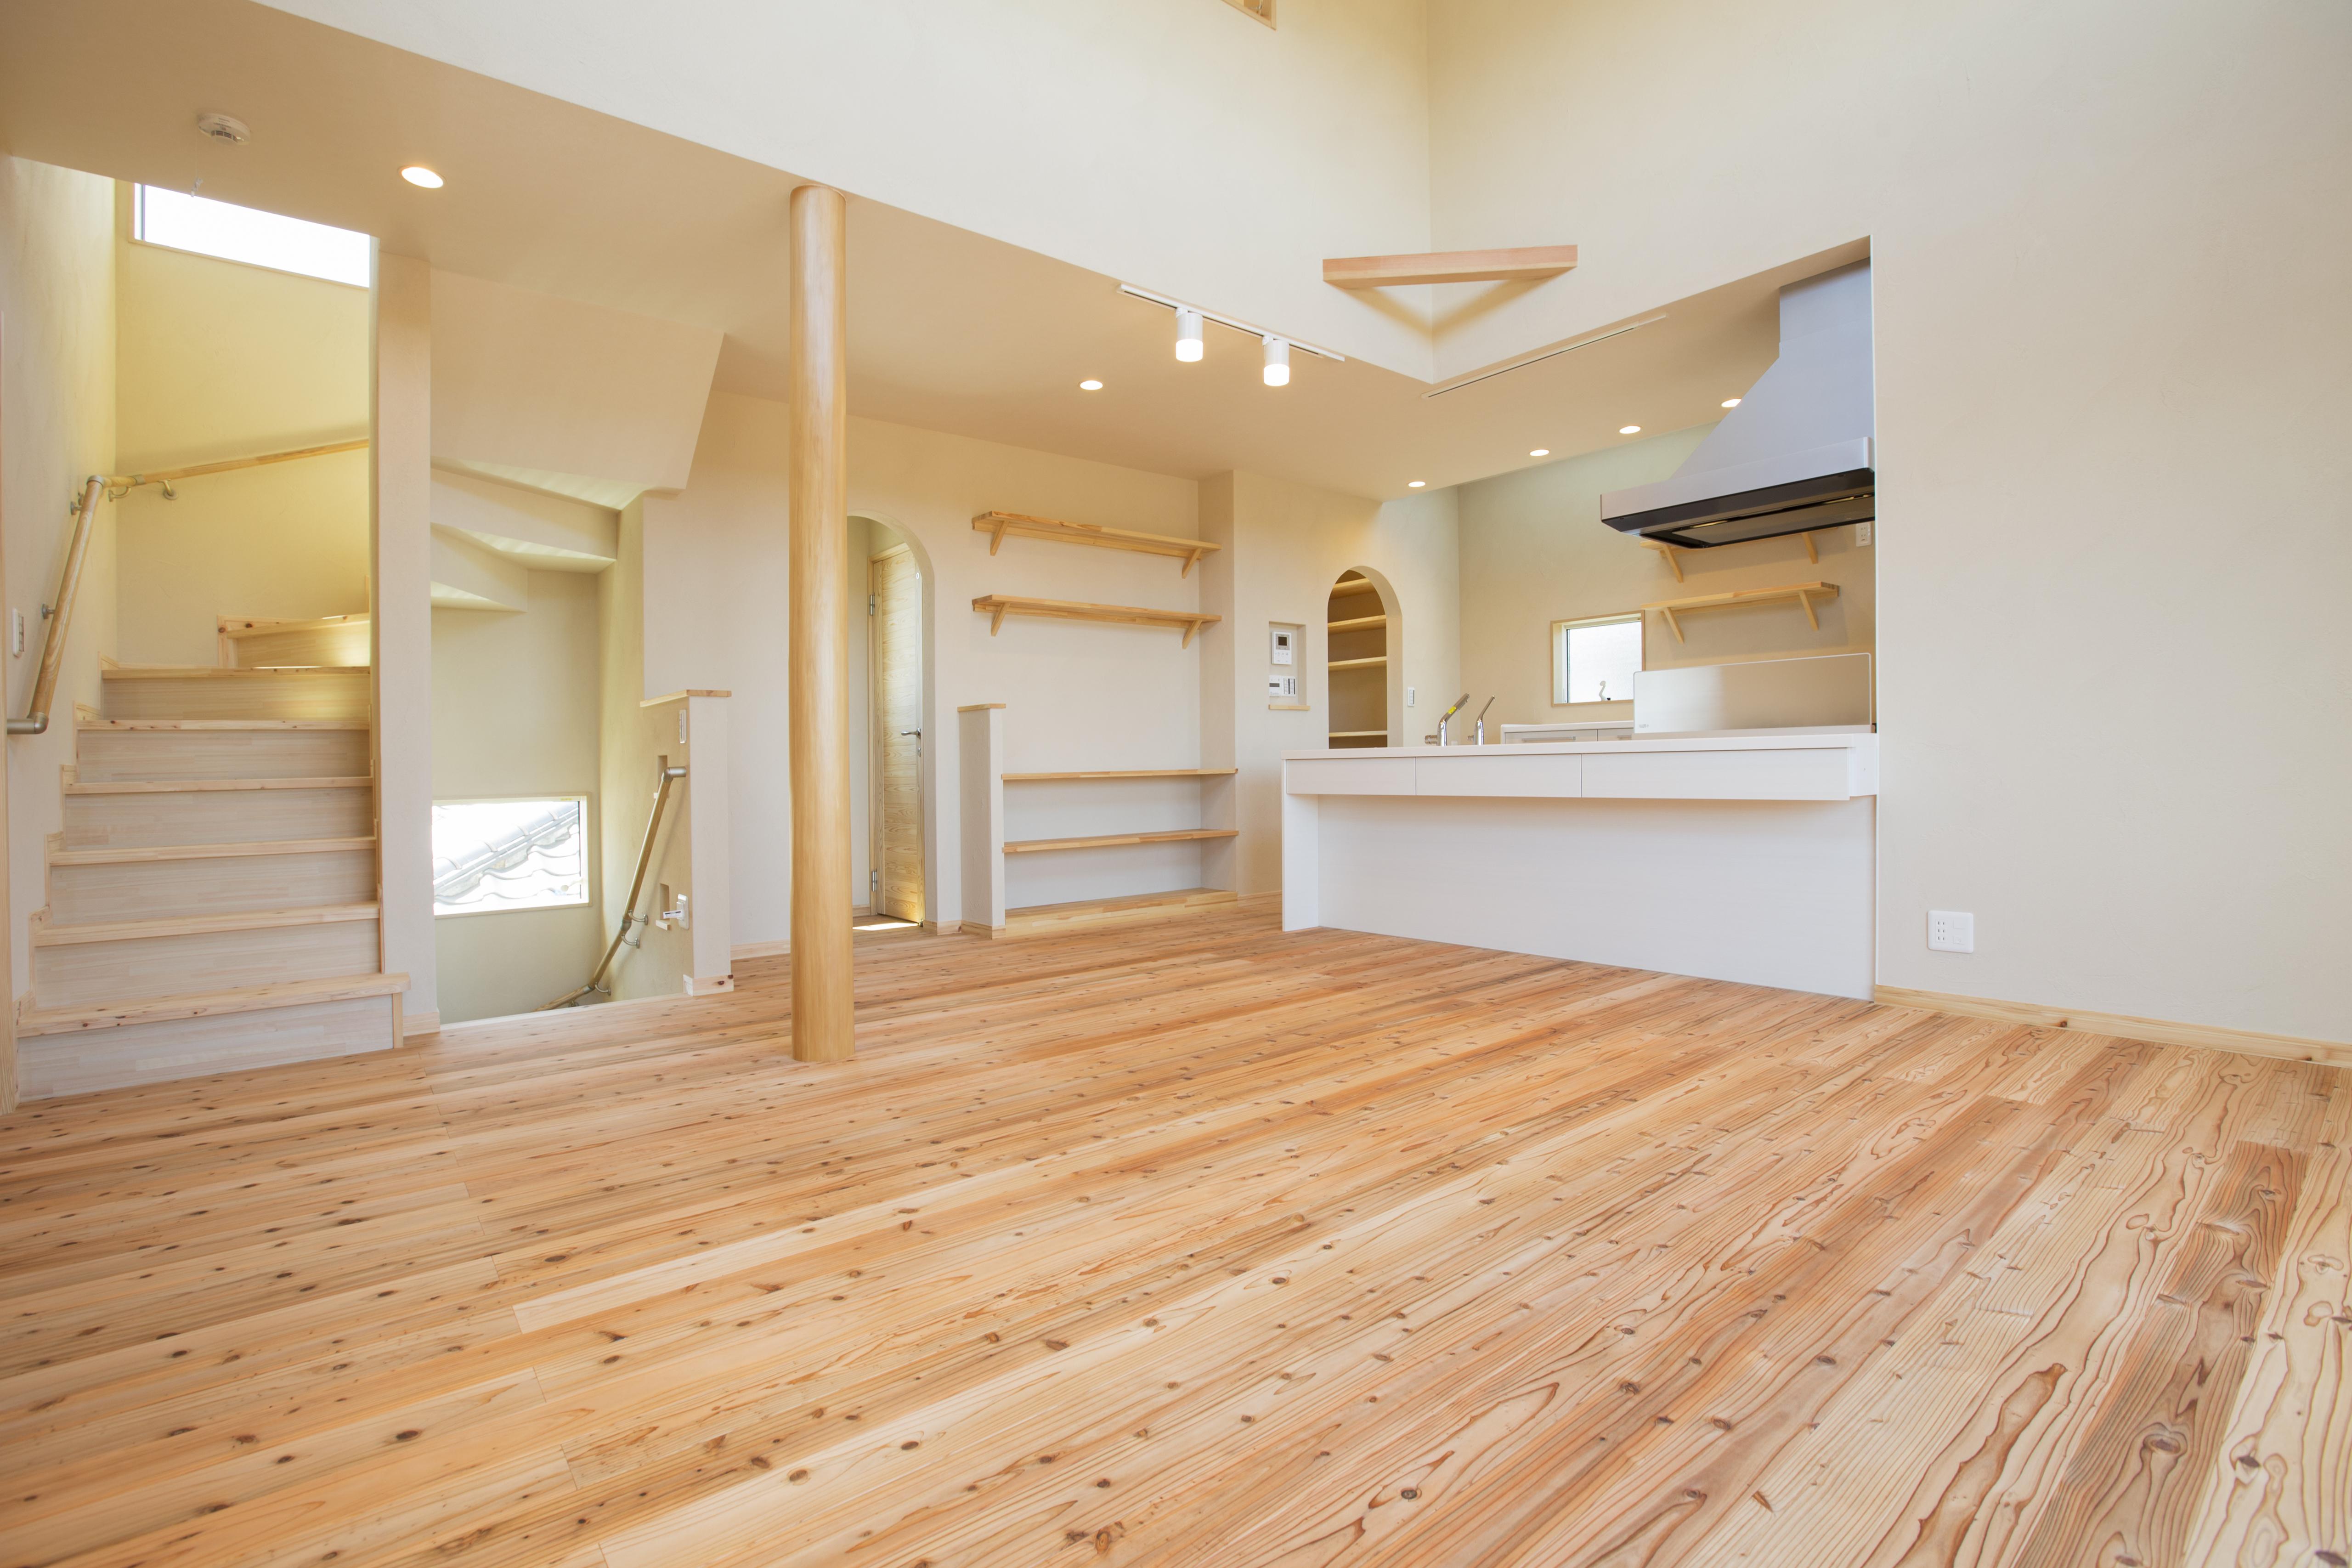 リビングから見たDK。自然素材にこだわり、床は素足になりたくなる気持ち良さです